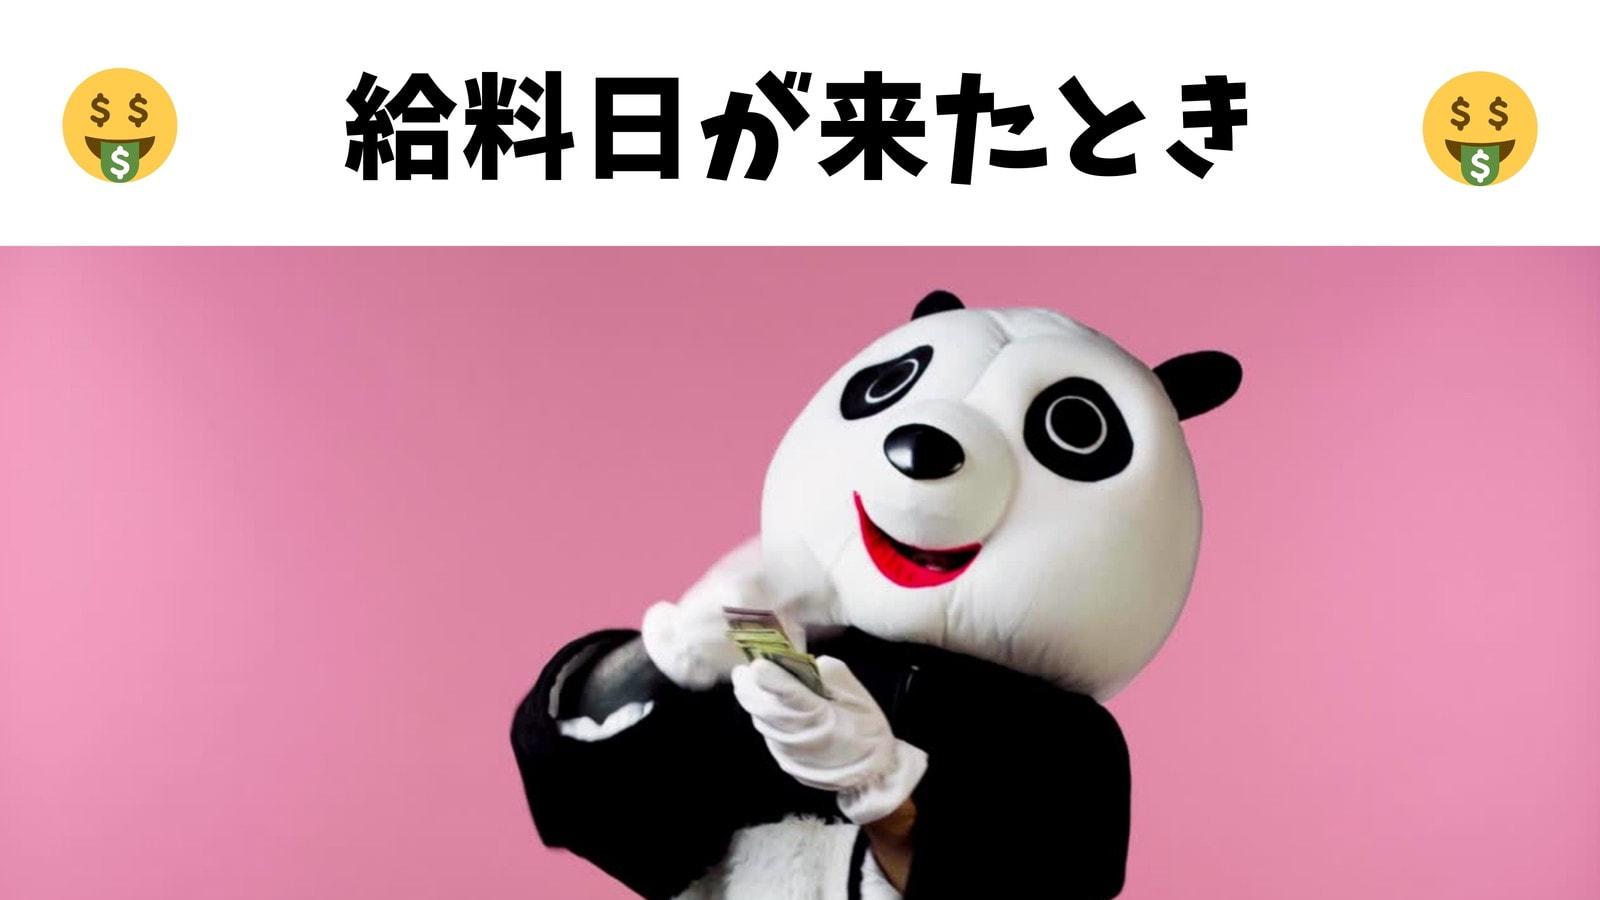 ピンク 面白い表情 ミーム 16:9 動画